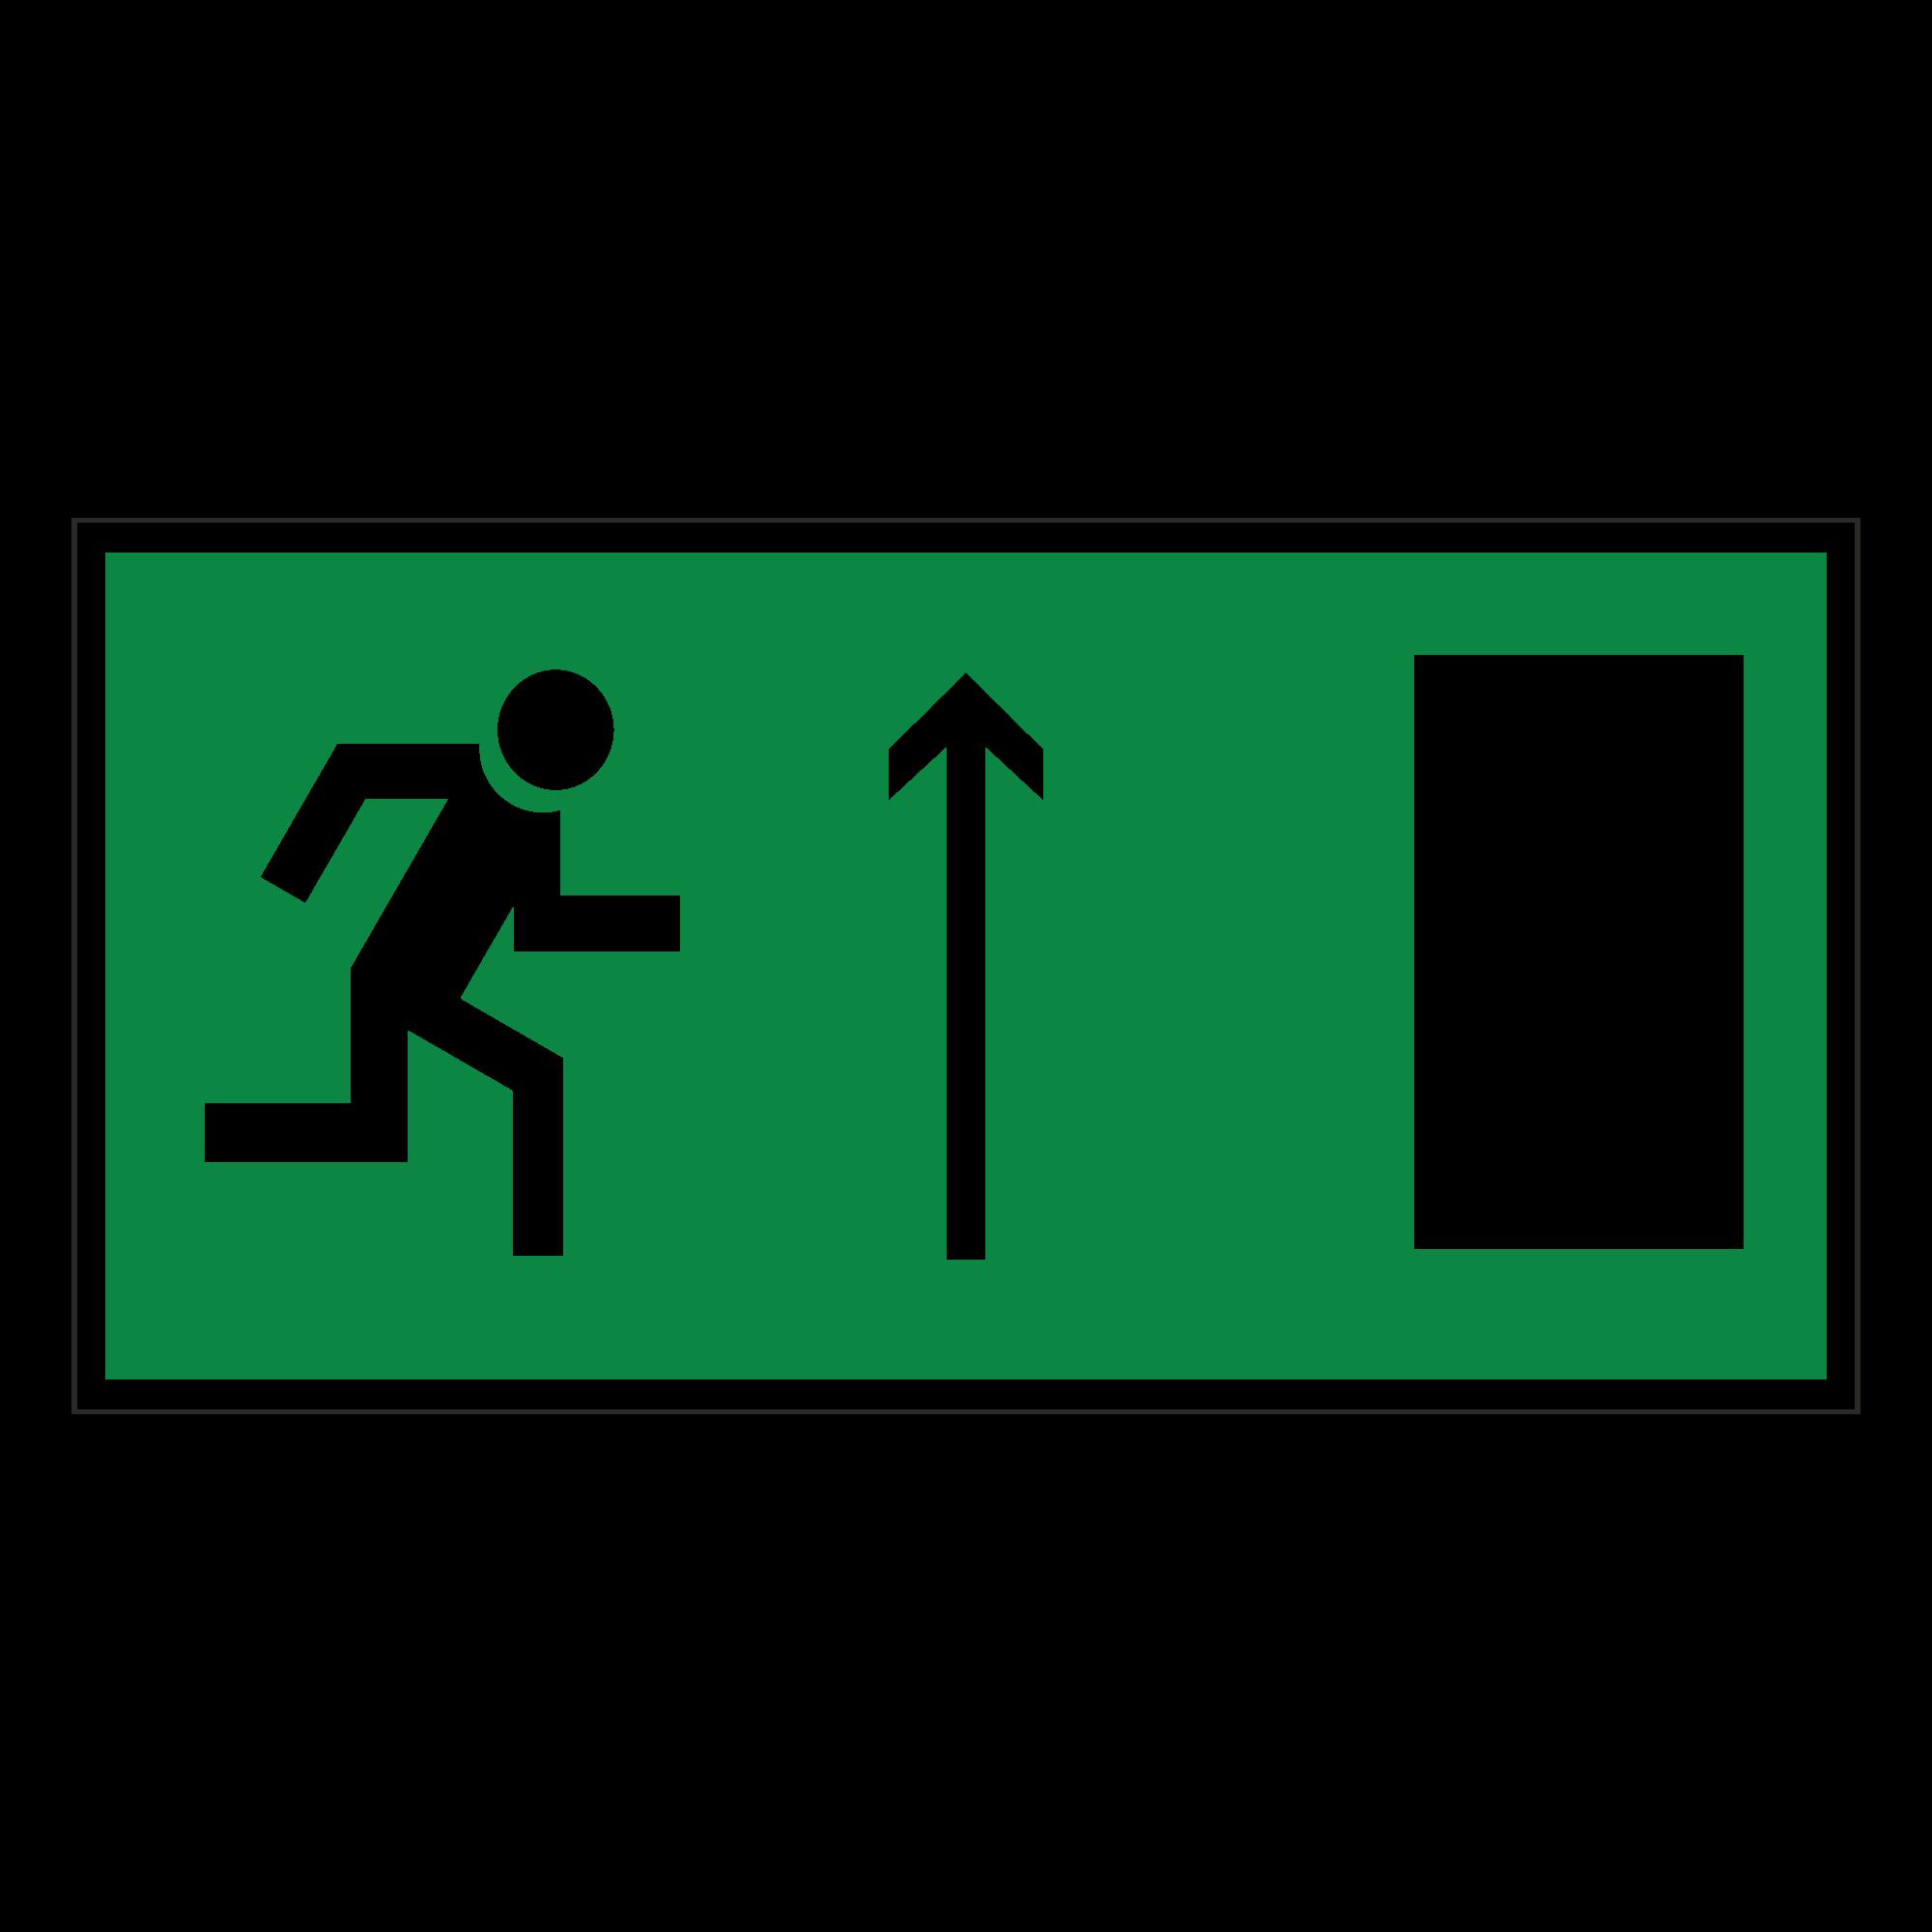 Е11 Направление к эвакуационному выходу прямо